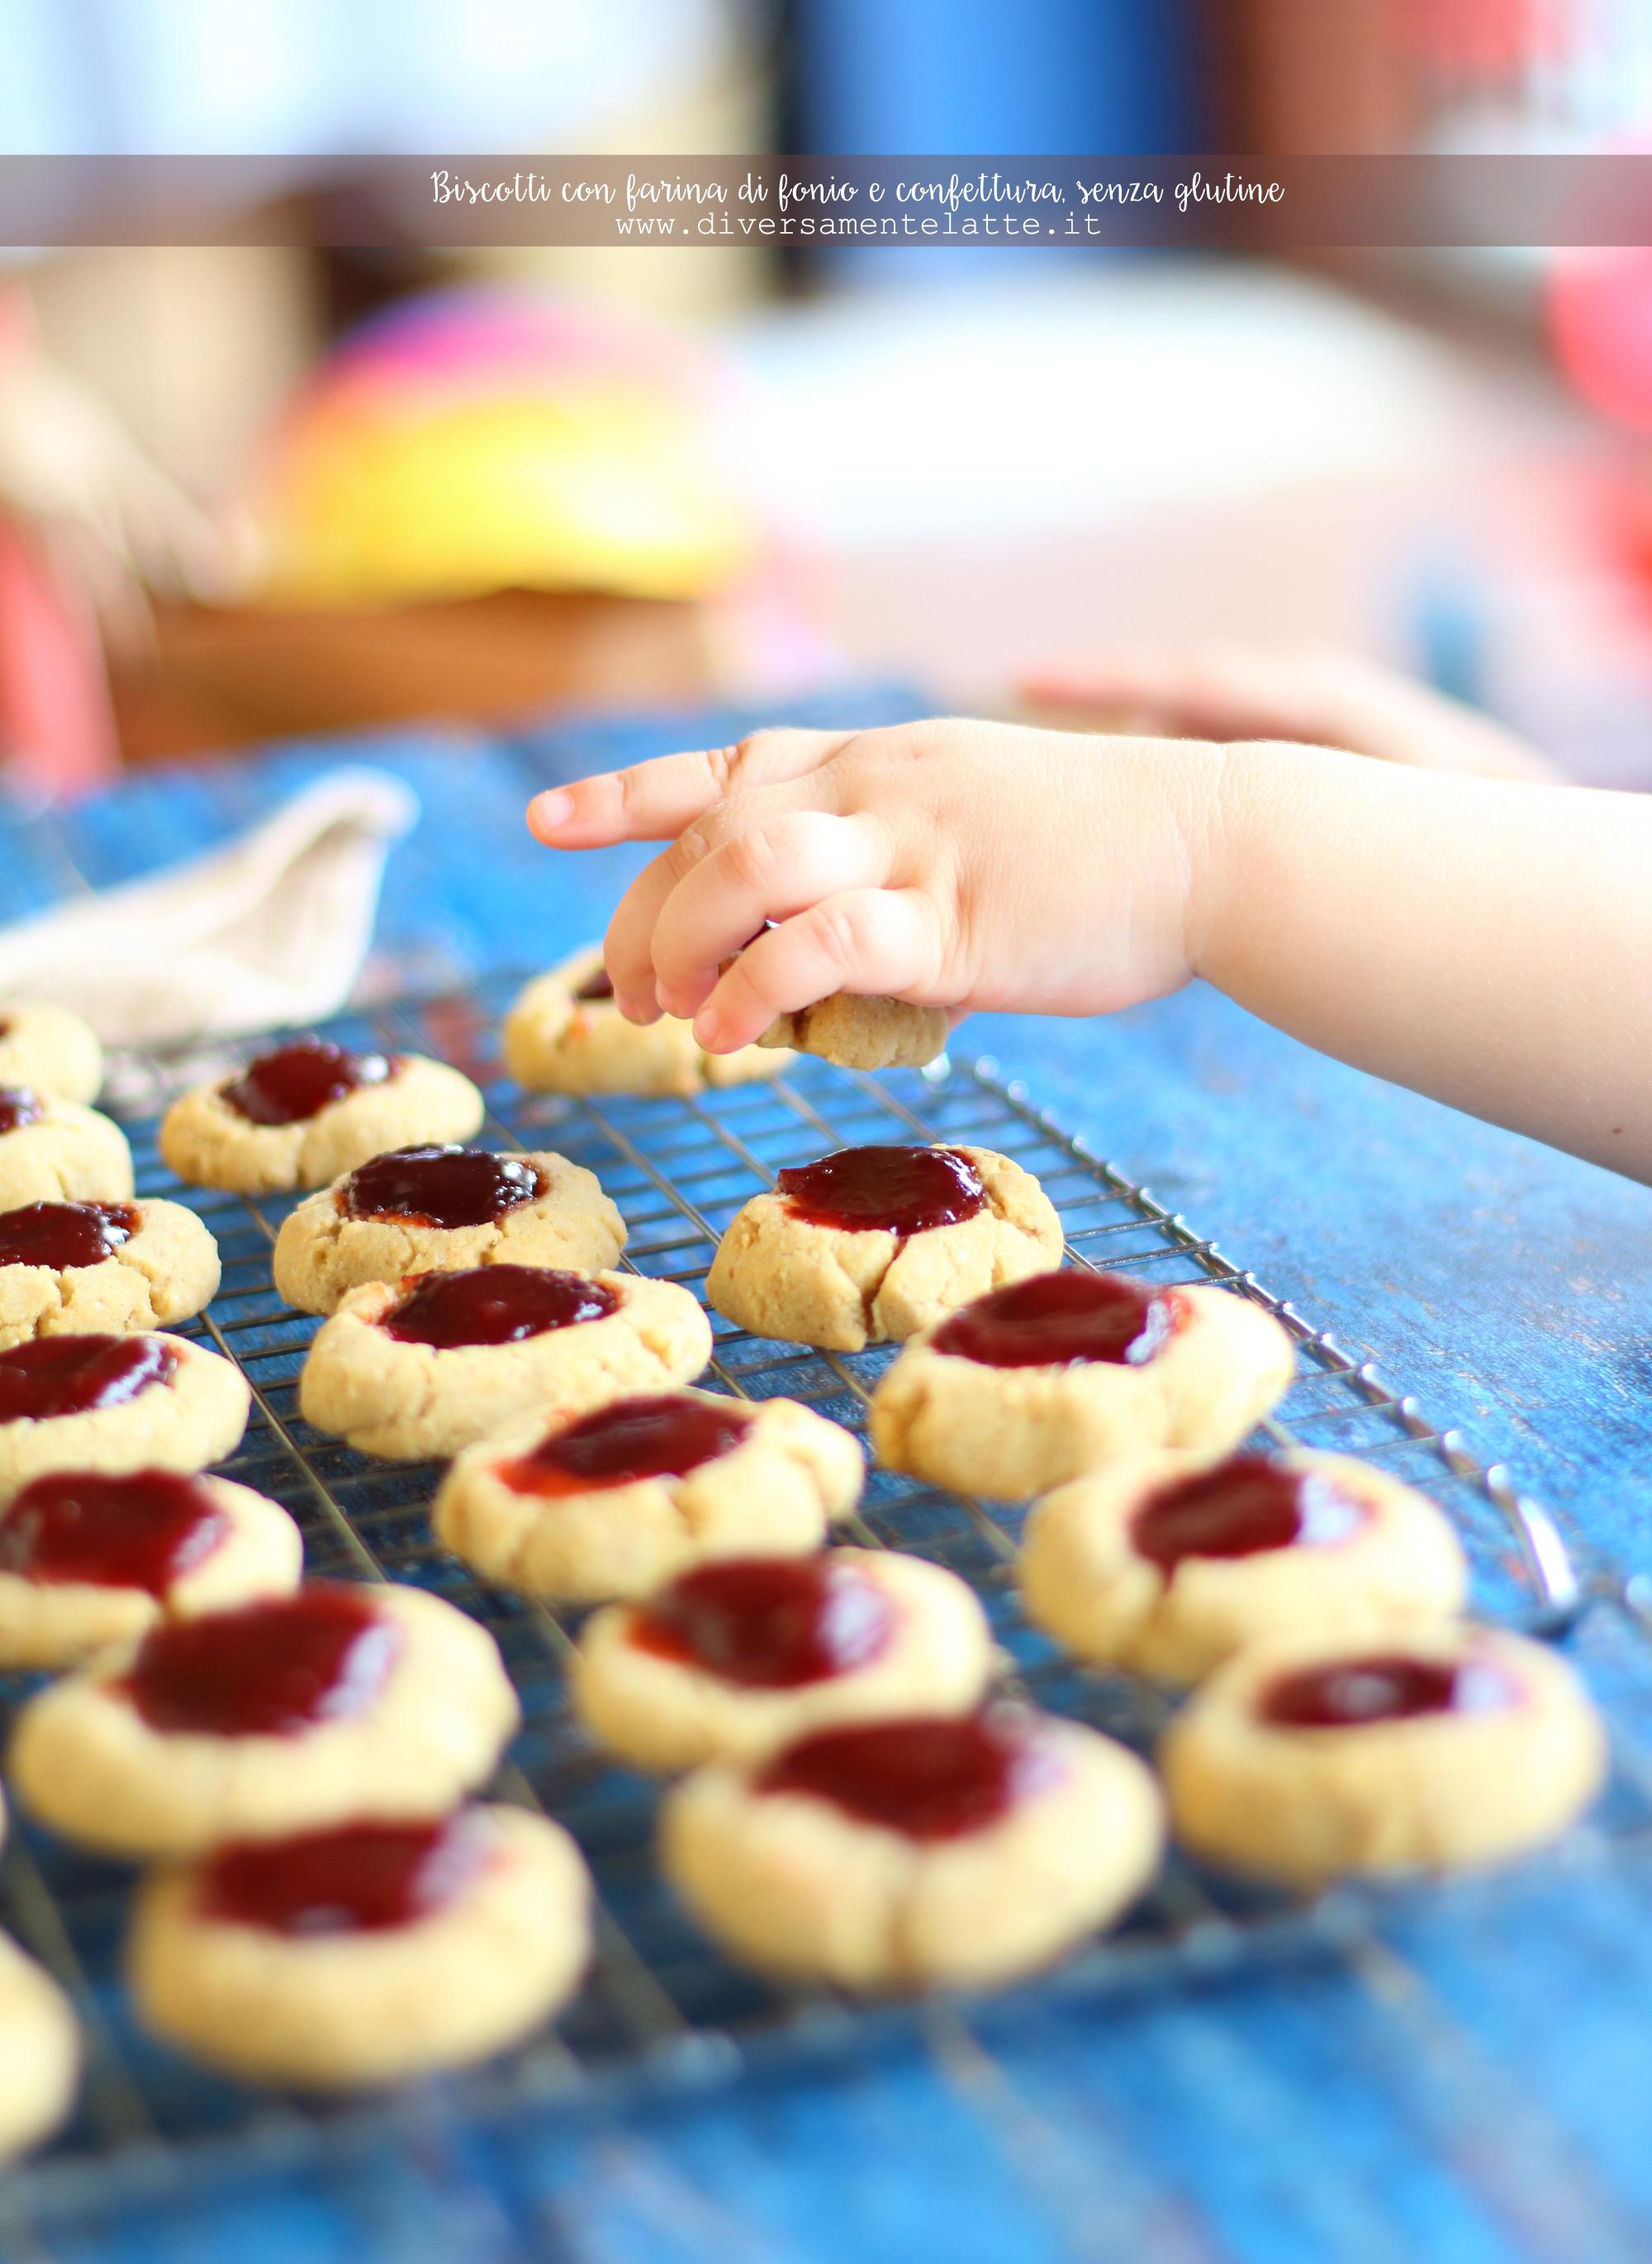 biscotti con farina di fonio